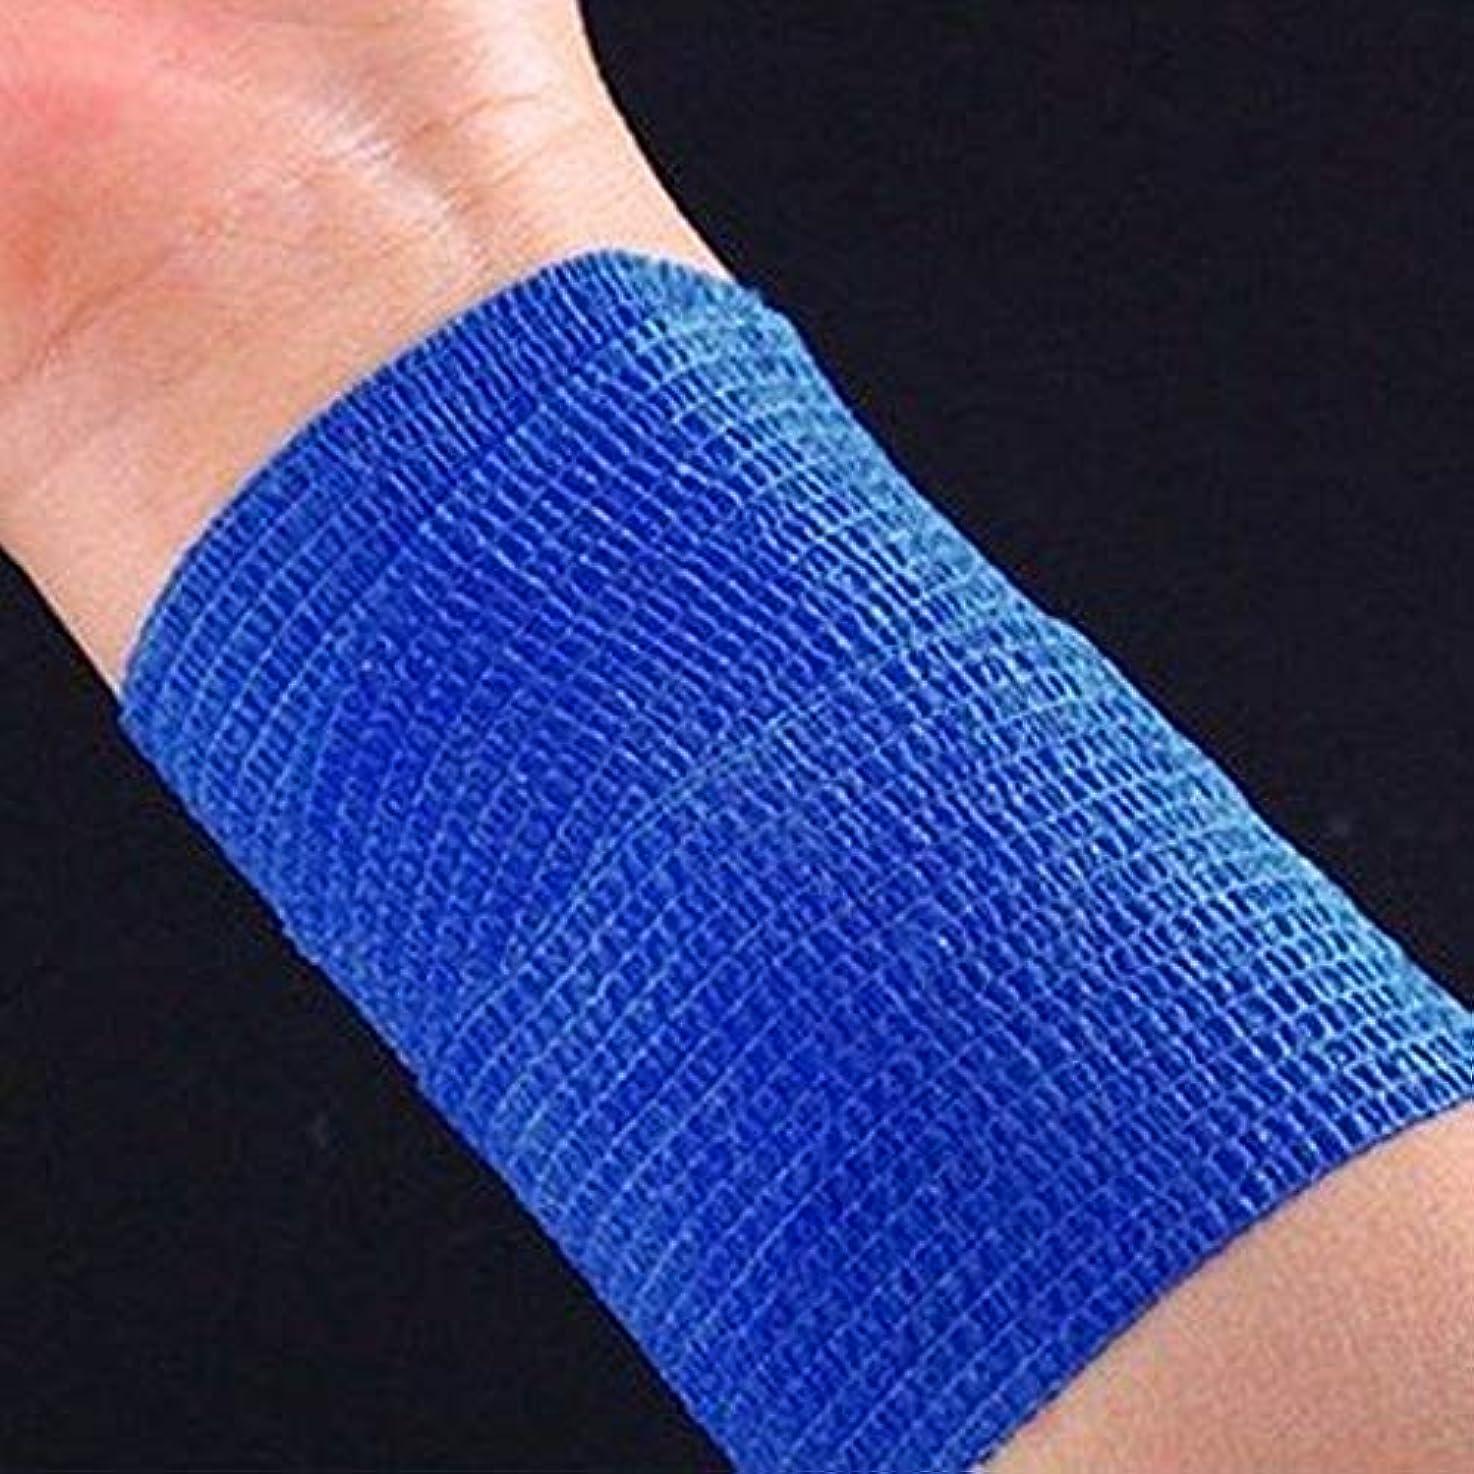 ロードされた電圧媒染剤Pichidr-JP 自己接着包帯足首の捻挫、腫れや手首のための2インチの便利な弾性包帯